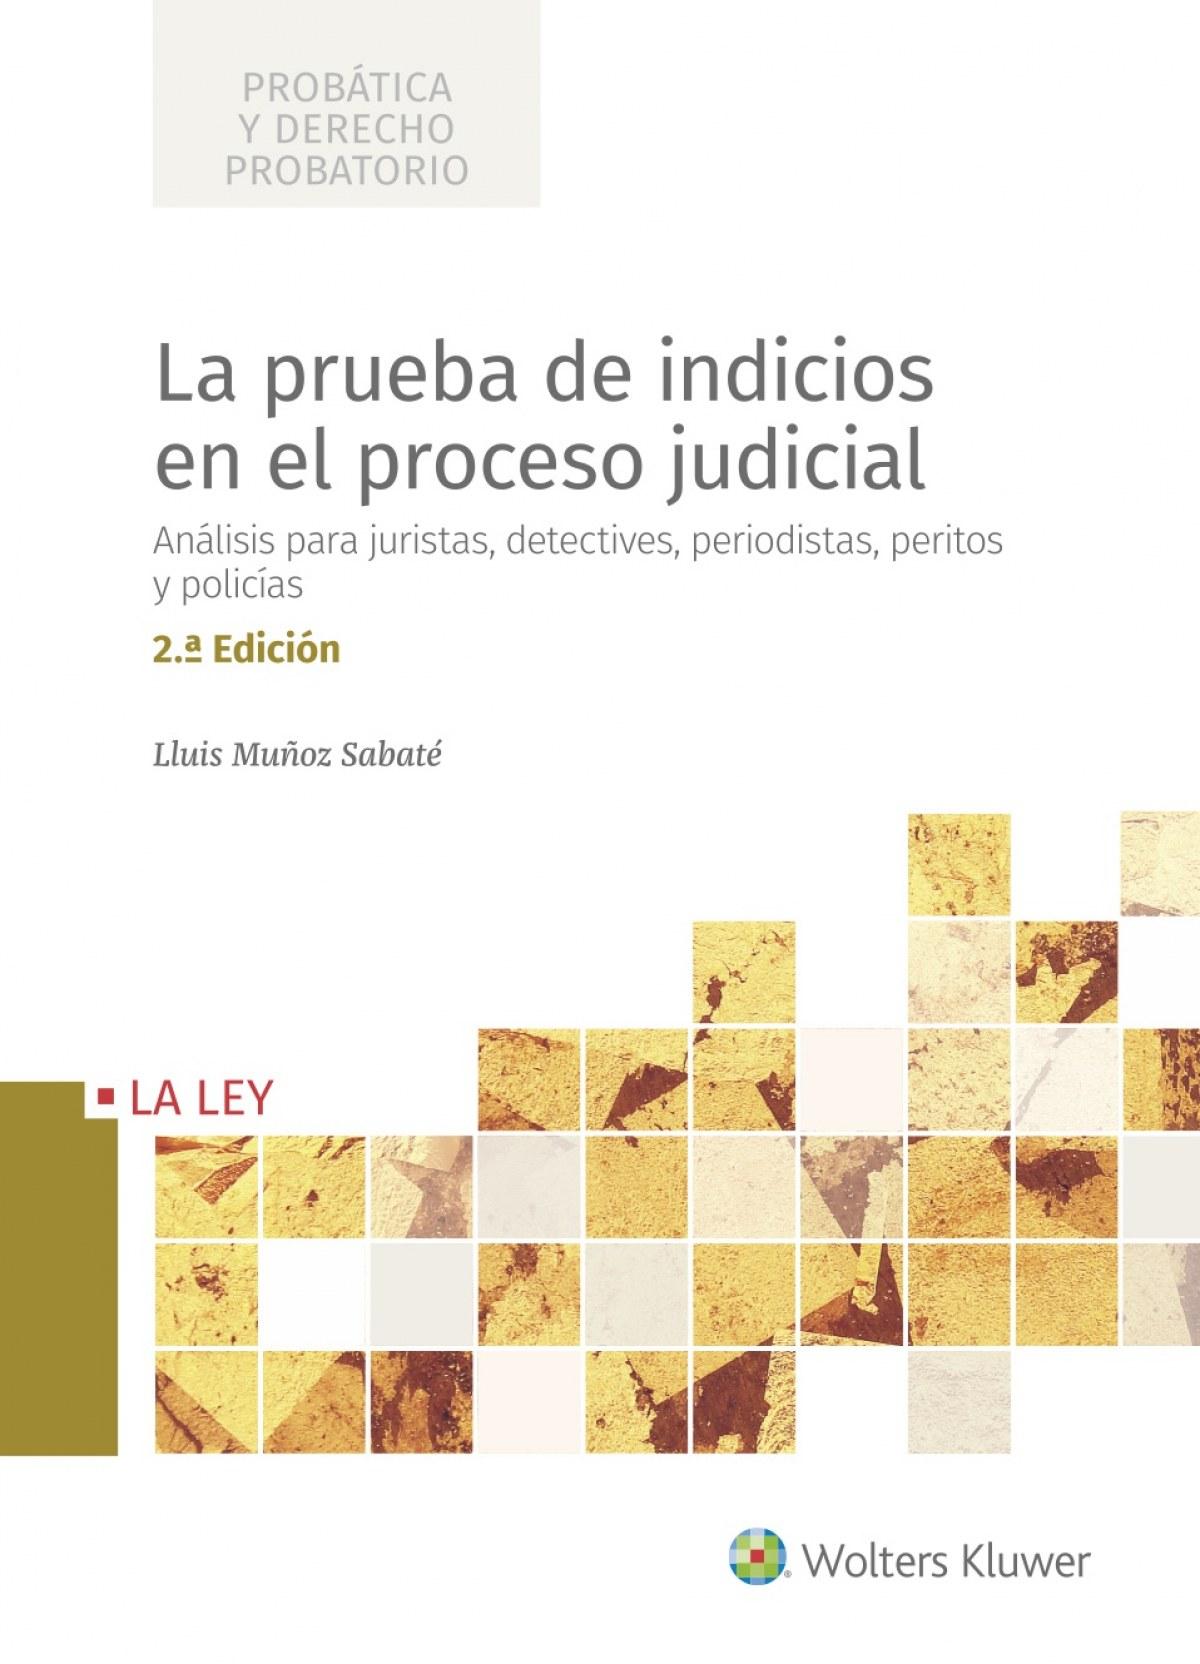 La prueba de indicios en el proceso judicial (2.ª Edición)